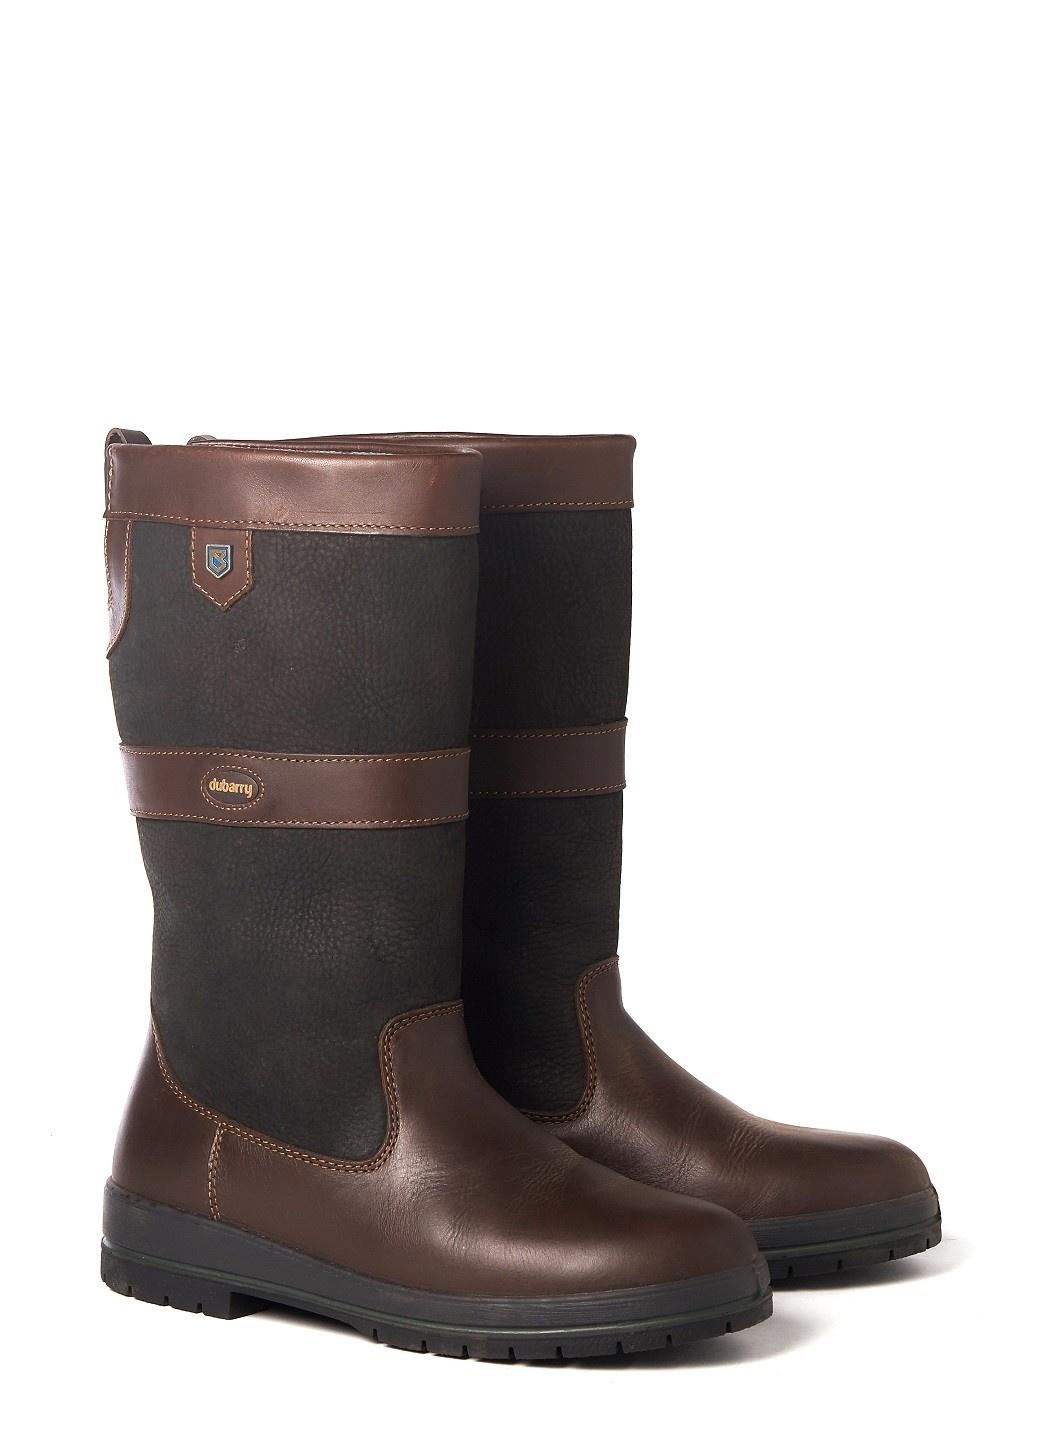 Dubarry Kildare outdoor laarzen - Black/Brown-3